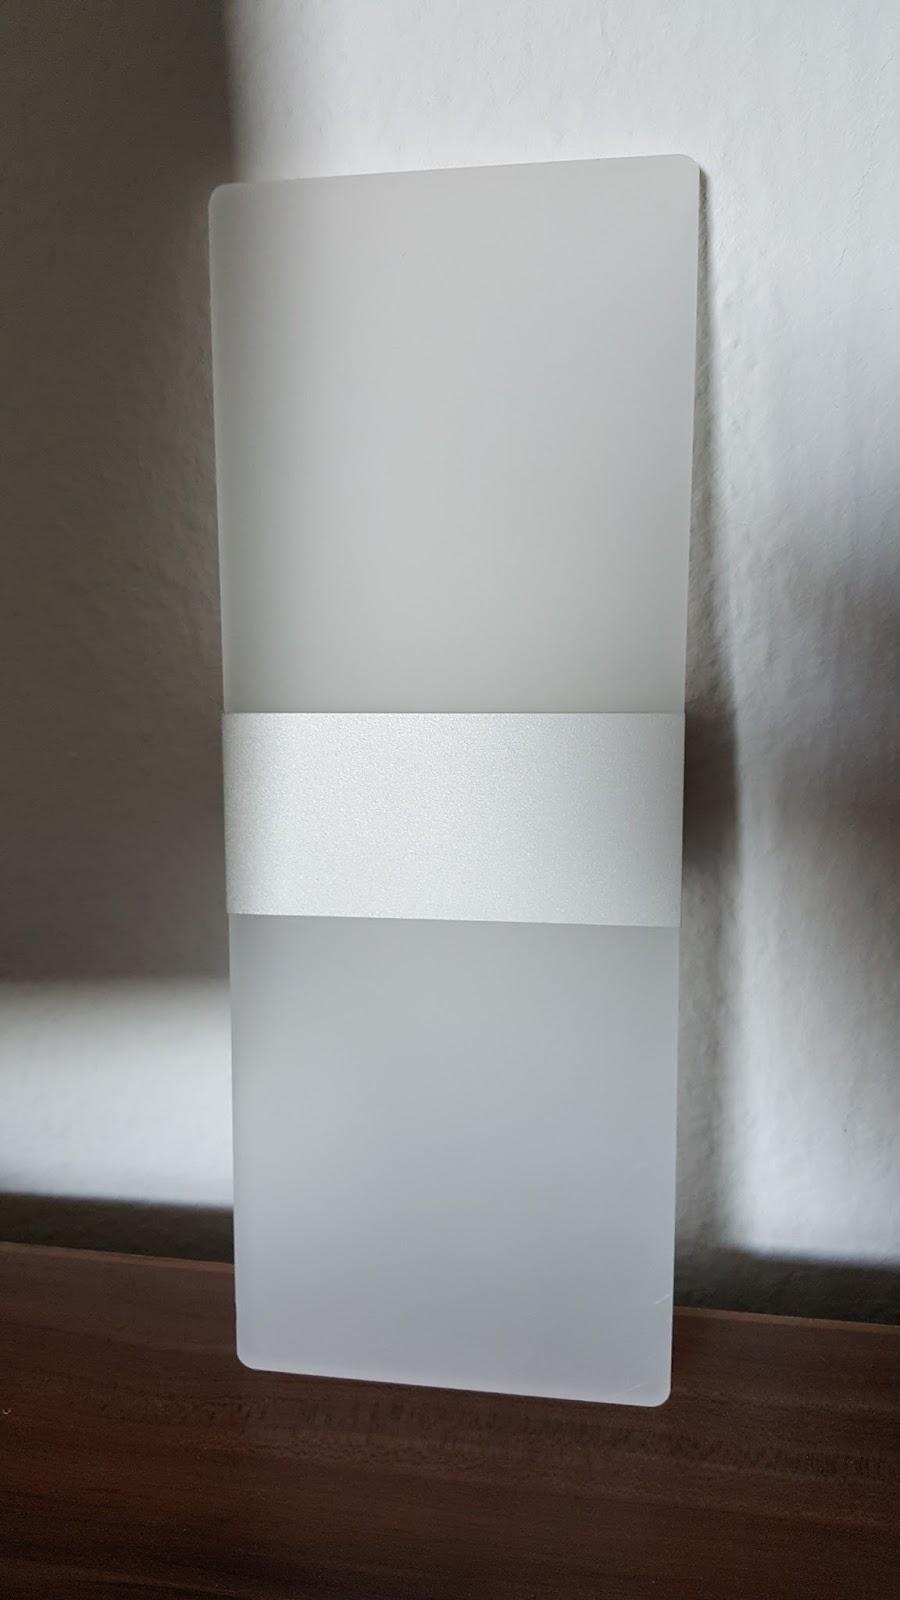 Full Size of Massivholz Schlafzimmer Rauch Komplett Mit Lattenrost Und Matratze Kommode Gardinen Kronleuchter Weiß Klimagerät Für Schranksysteme überbau Vorhänge Set Wohnzimmer Wandlampen Schlafzimmer